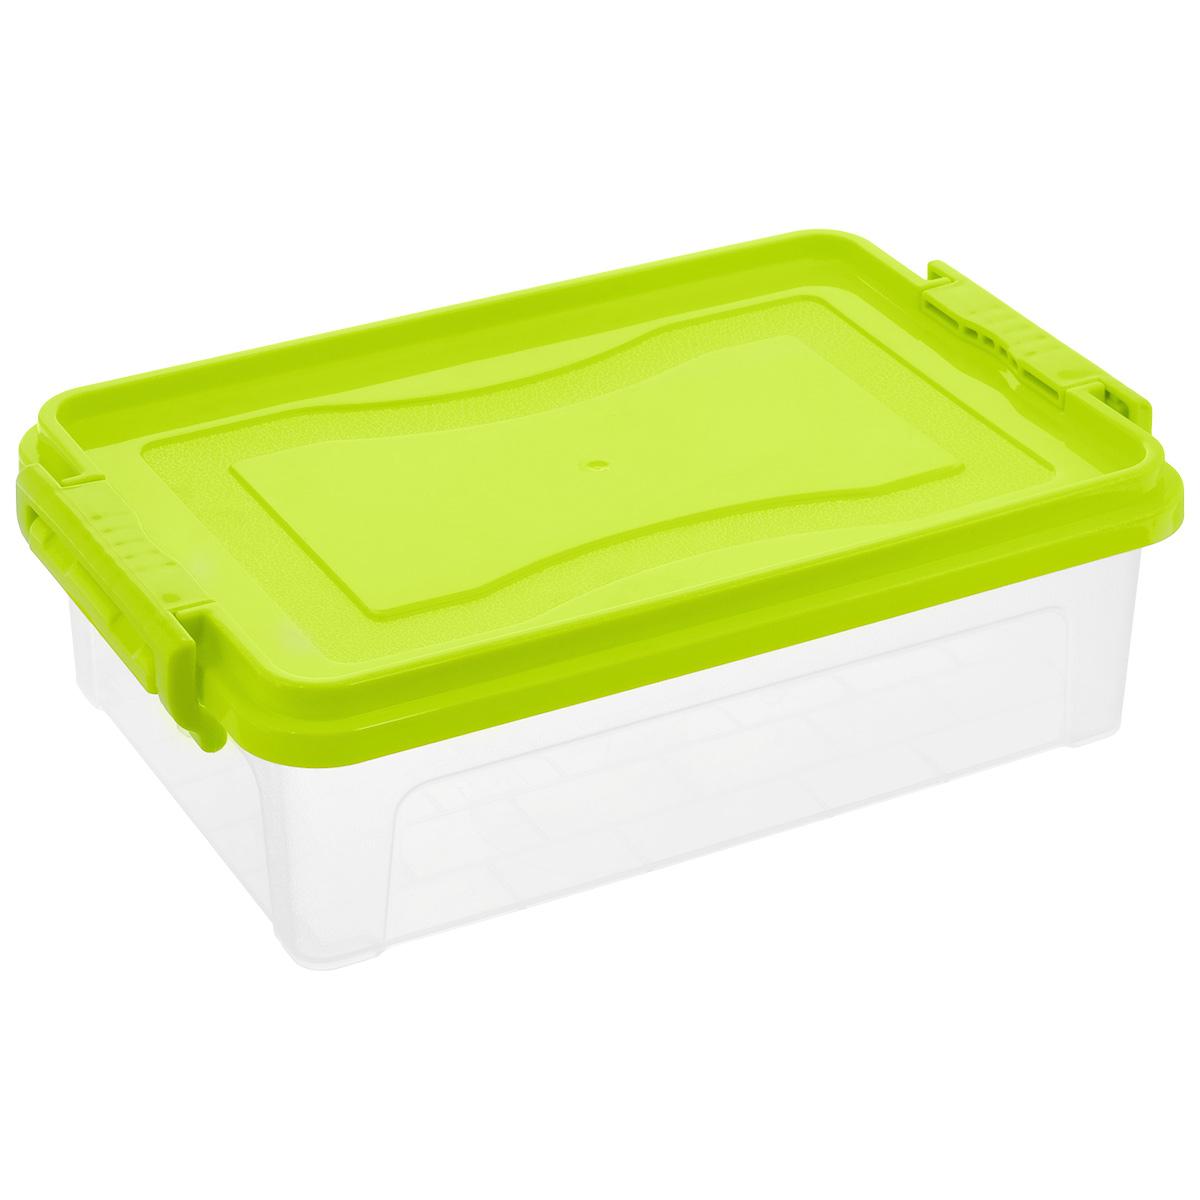 Контейнер для хранения Idea, прямоугольный, цвет: прозрачный, салатовый, 3,6 лМ 2860Контейнер для хранения Idea выполнен из высококачественного пластика. Контейнер снабжен двумя пластиковыми фиксаторами по бокам, придающими дополнительную надежность закрывания крышки. Вместительный контейнер позволит сохранить различные нужные вещи в порядке, а герметичная крышка предотвратит случайное открывание, защитит содержимое от пыли и грязи.